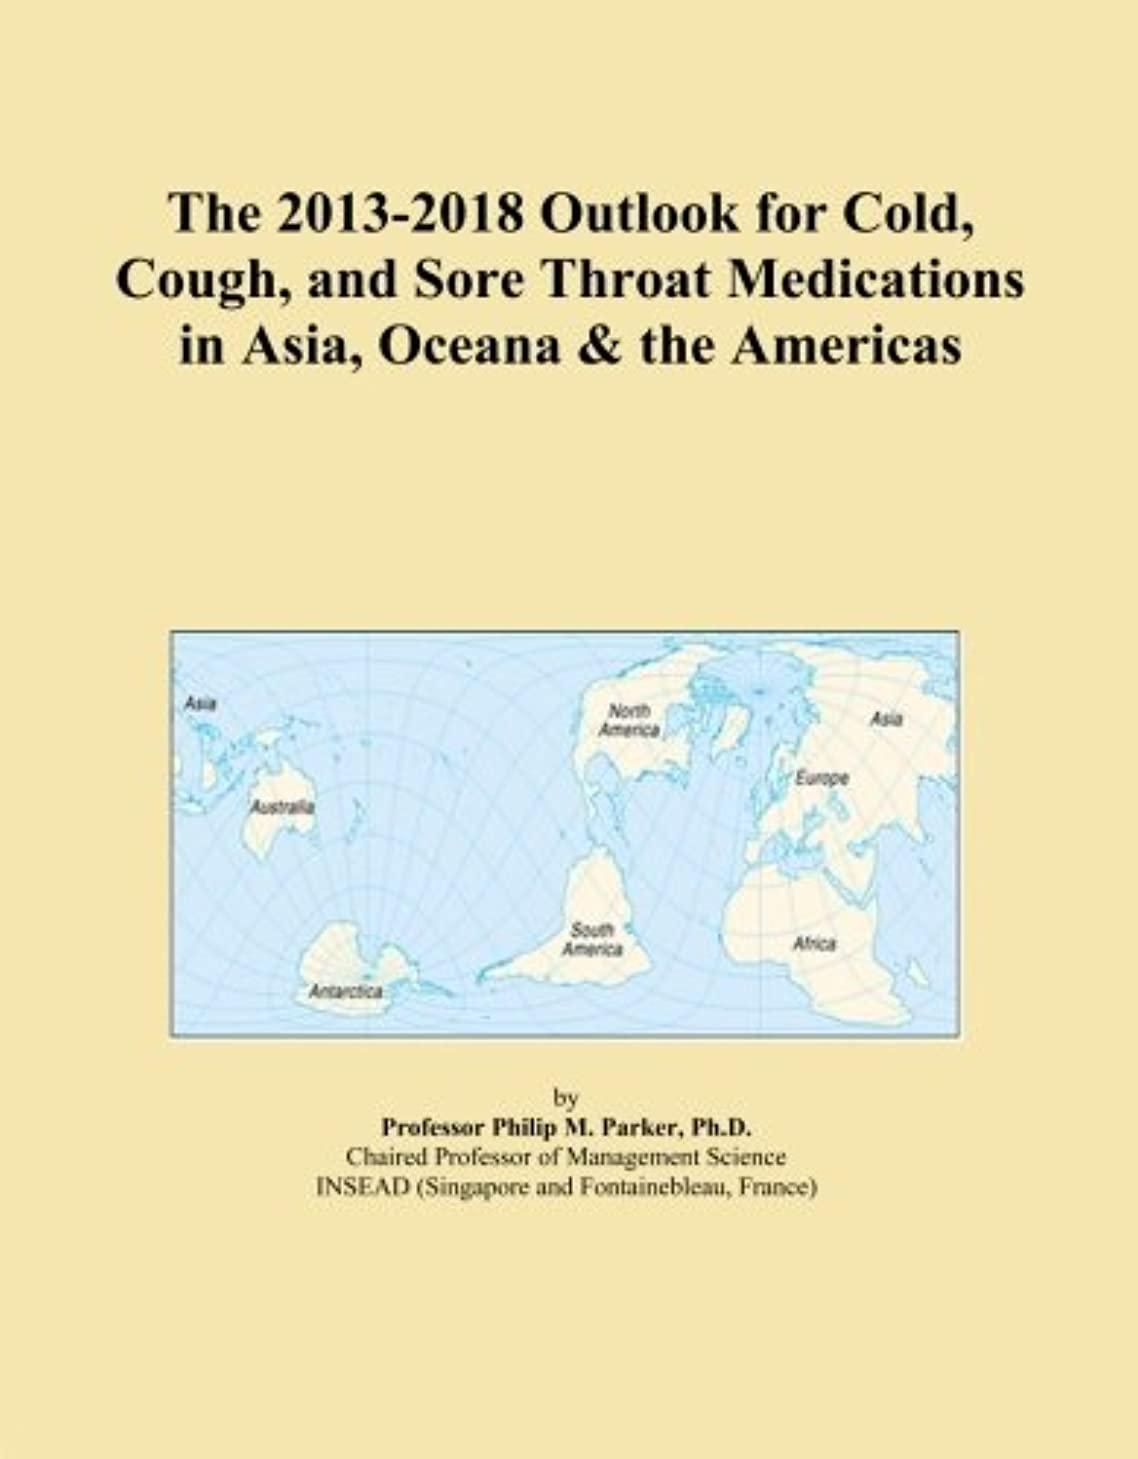 近々タンパク質ベテランThe 2013-2018 Outlook for Cold, Cough, and Sore Throat Medications in Asia, Oceana & the Americas